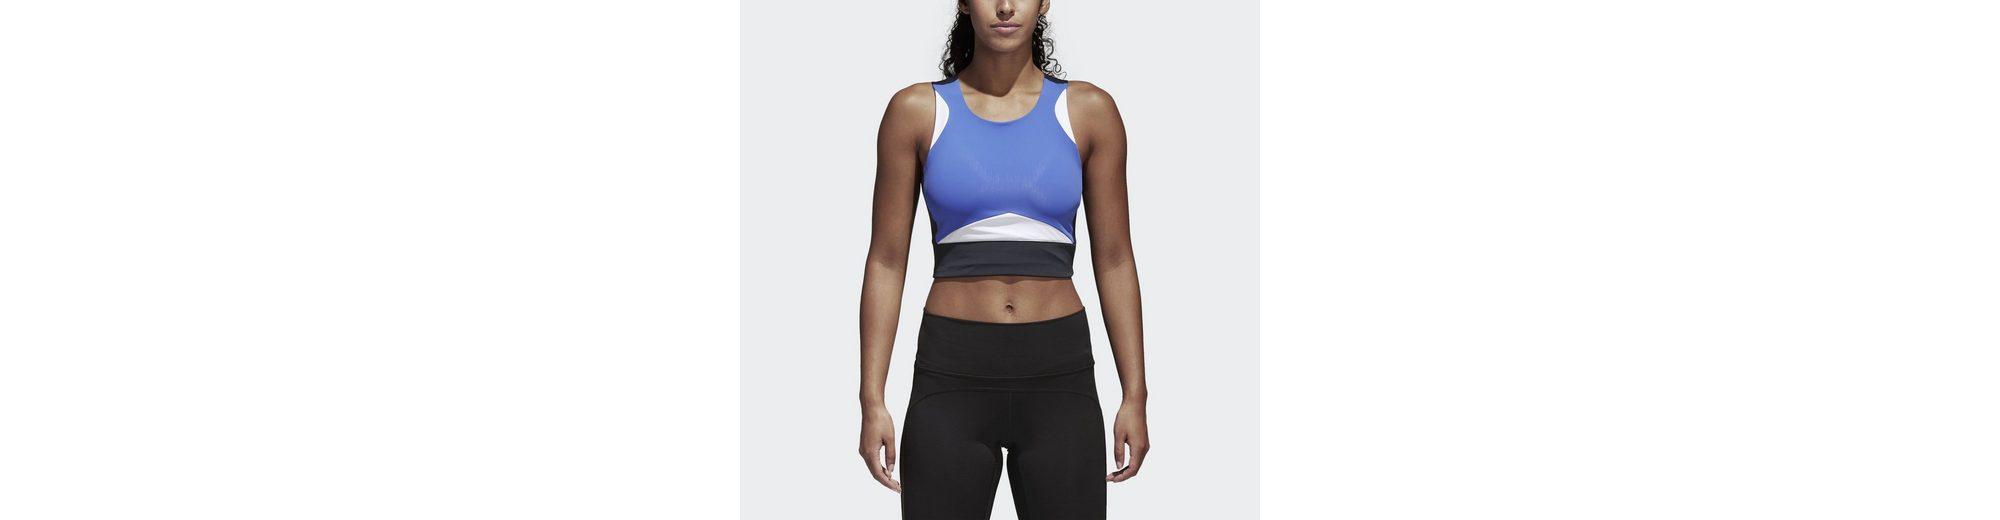 adidas Performance Sporttop Wanderlust Yoga Crop-Top Komfortabel Günstig Online Freie Versandpreise Günstig Kaufen Niedrige Versandkosten Niedrigsten Preis Online Günstig Kaufen Am Besten 5CO4CosQ7